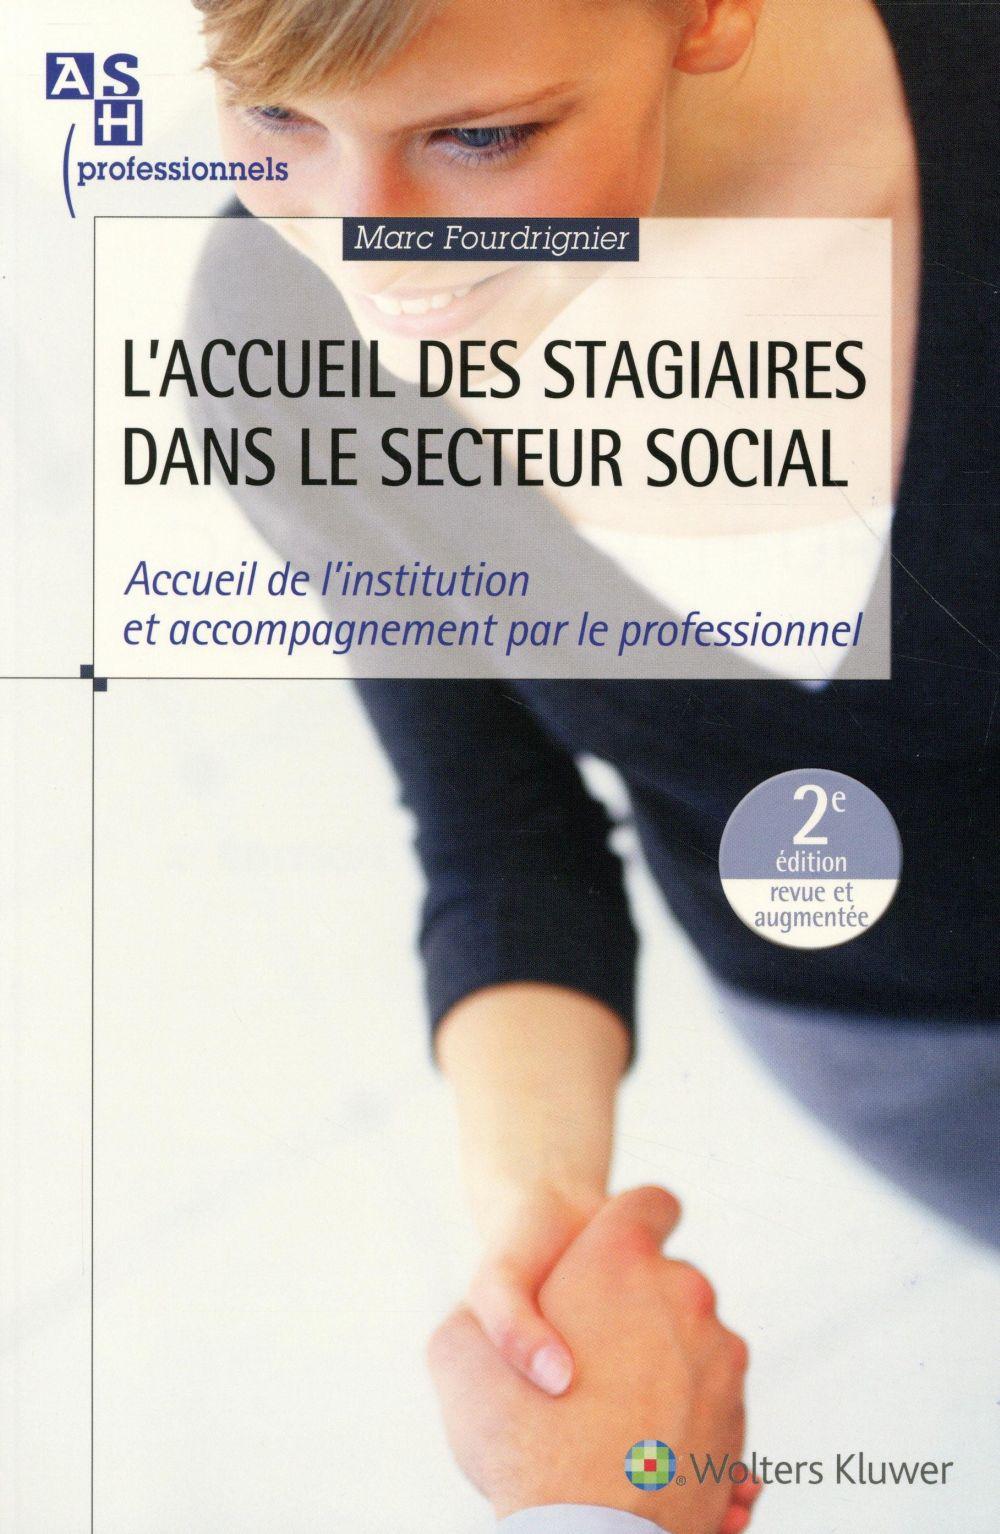 L ACCUEIL DES STAGIAIRES DANS LE SECTEUR SOCIAL, 2E EDITION